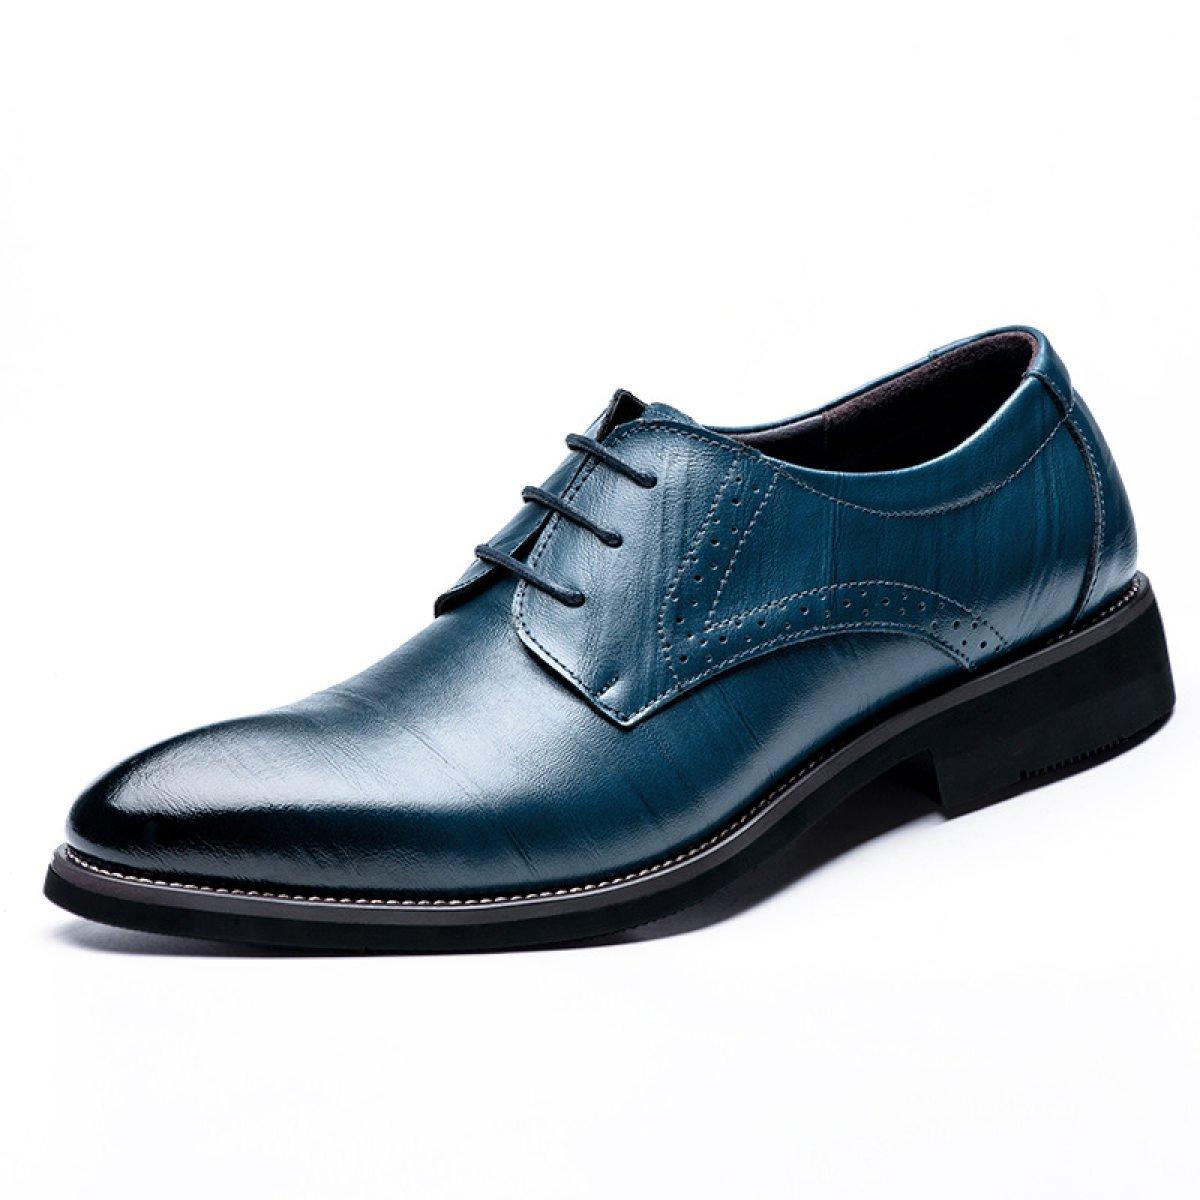 LEDLFIE Zapatos De Hombre Zapatos De Cuero De Negocios Multicolores Hombres Consejos Cordones Zapatos De Cuero Genuino 41 EU|Blue